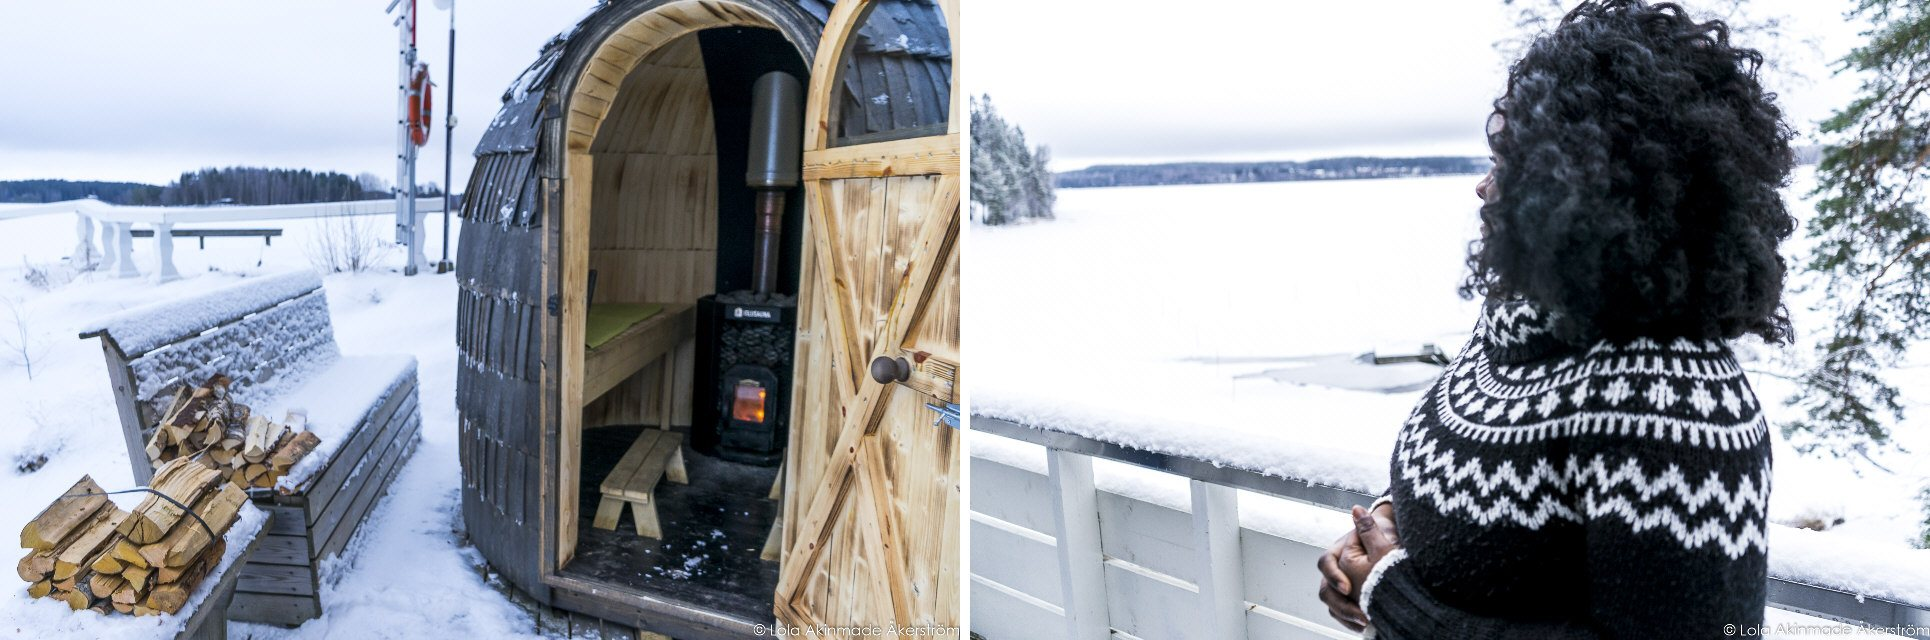 Finnish Sauna and Ice swimming in Finland